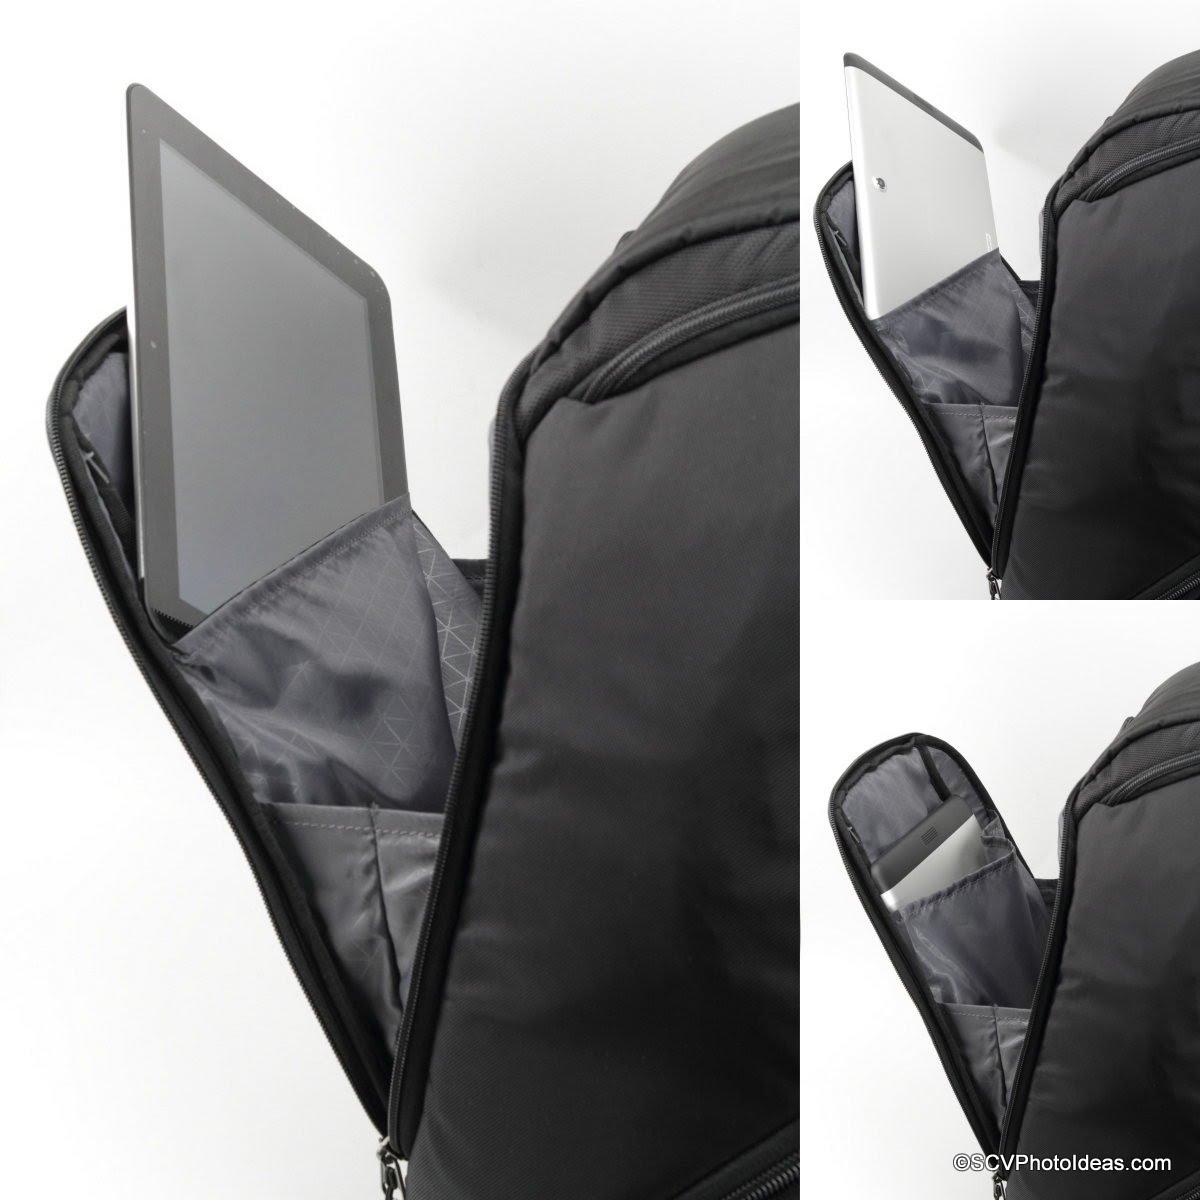 Case Logic DSB-103 front compartment Tablet pocket